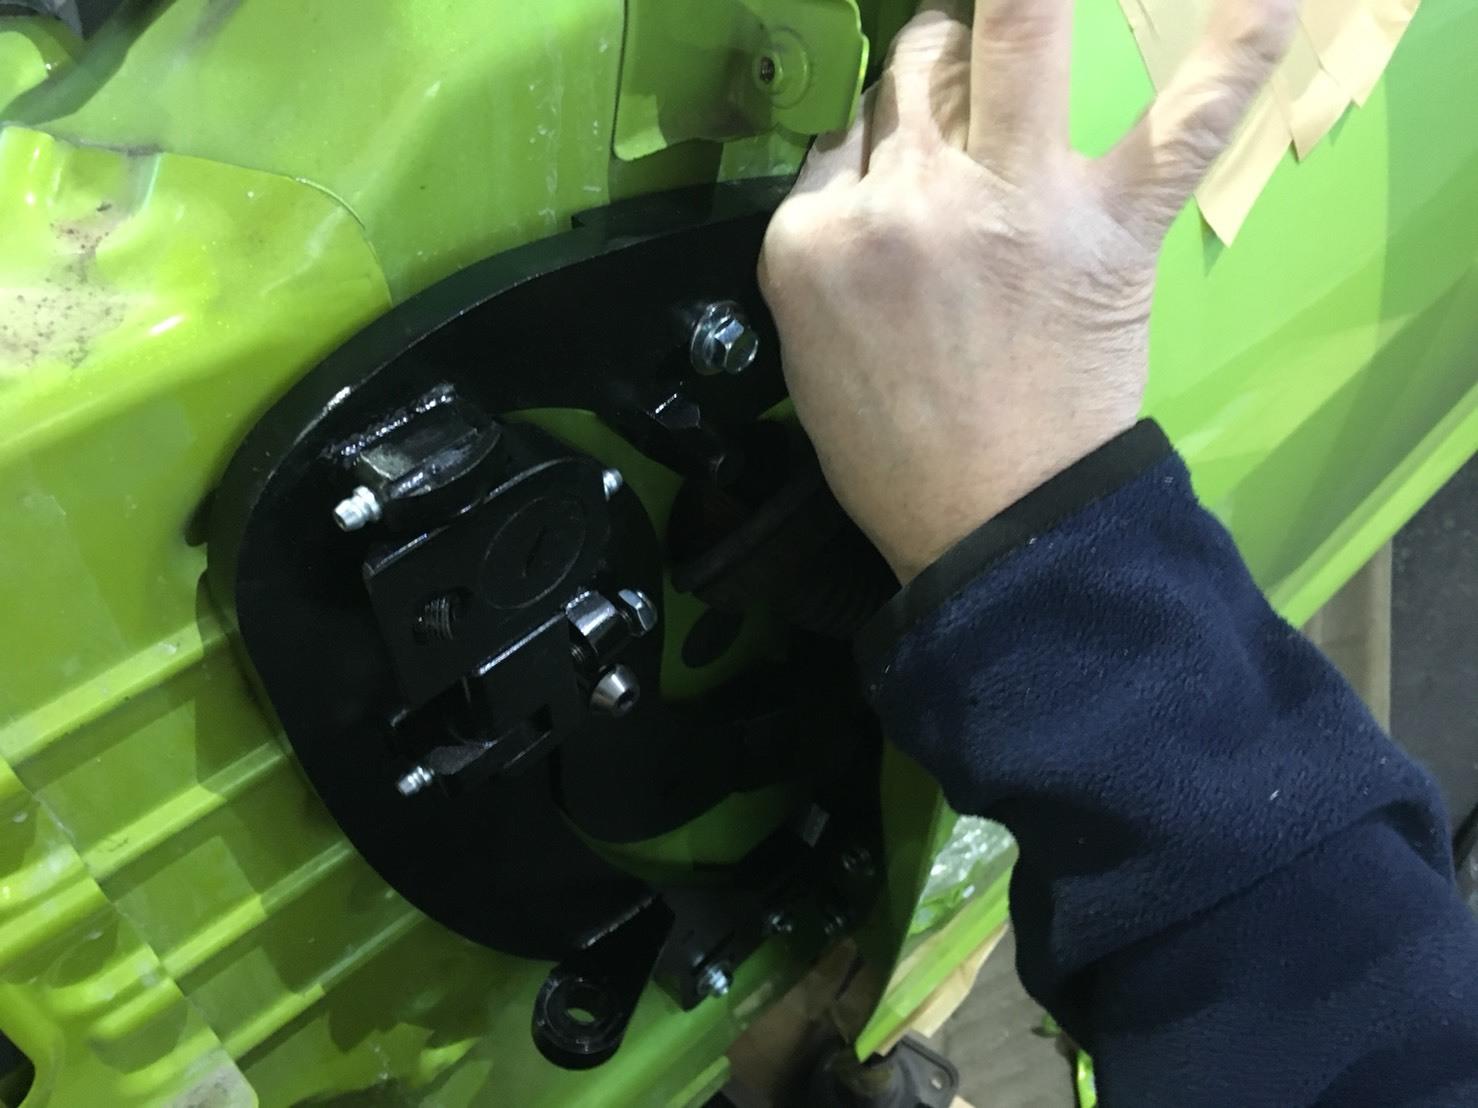 3月30日(金)トミーベース カスタムブログ☆S社様、新車のヴェルファイア到着☆カマロカスタム中☆_b0127002_12055110.jpg